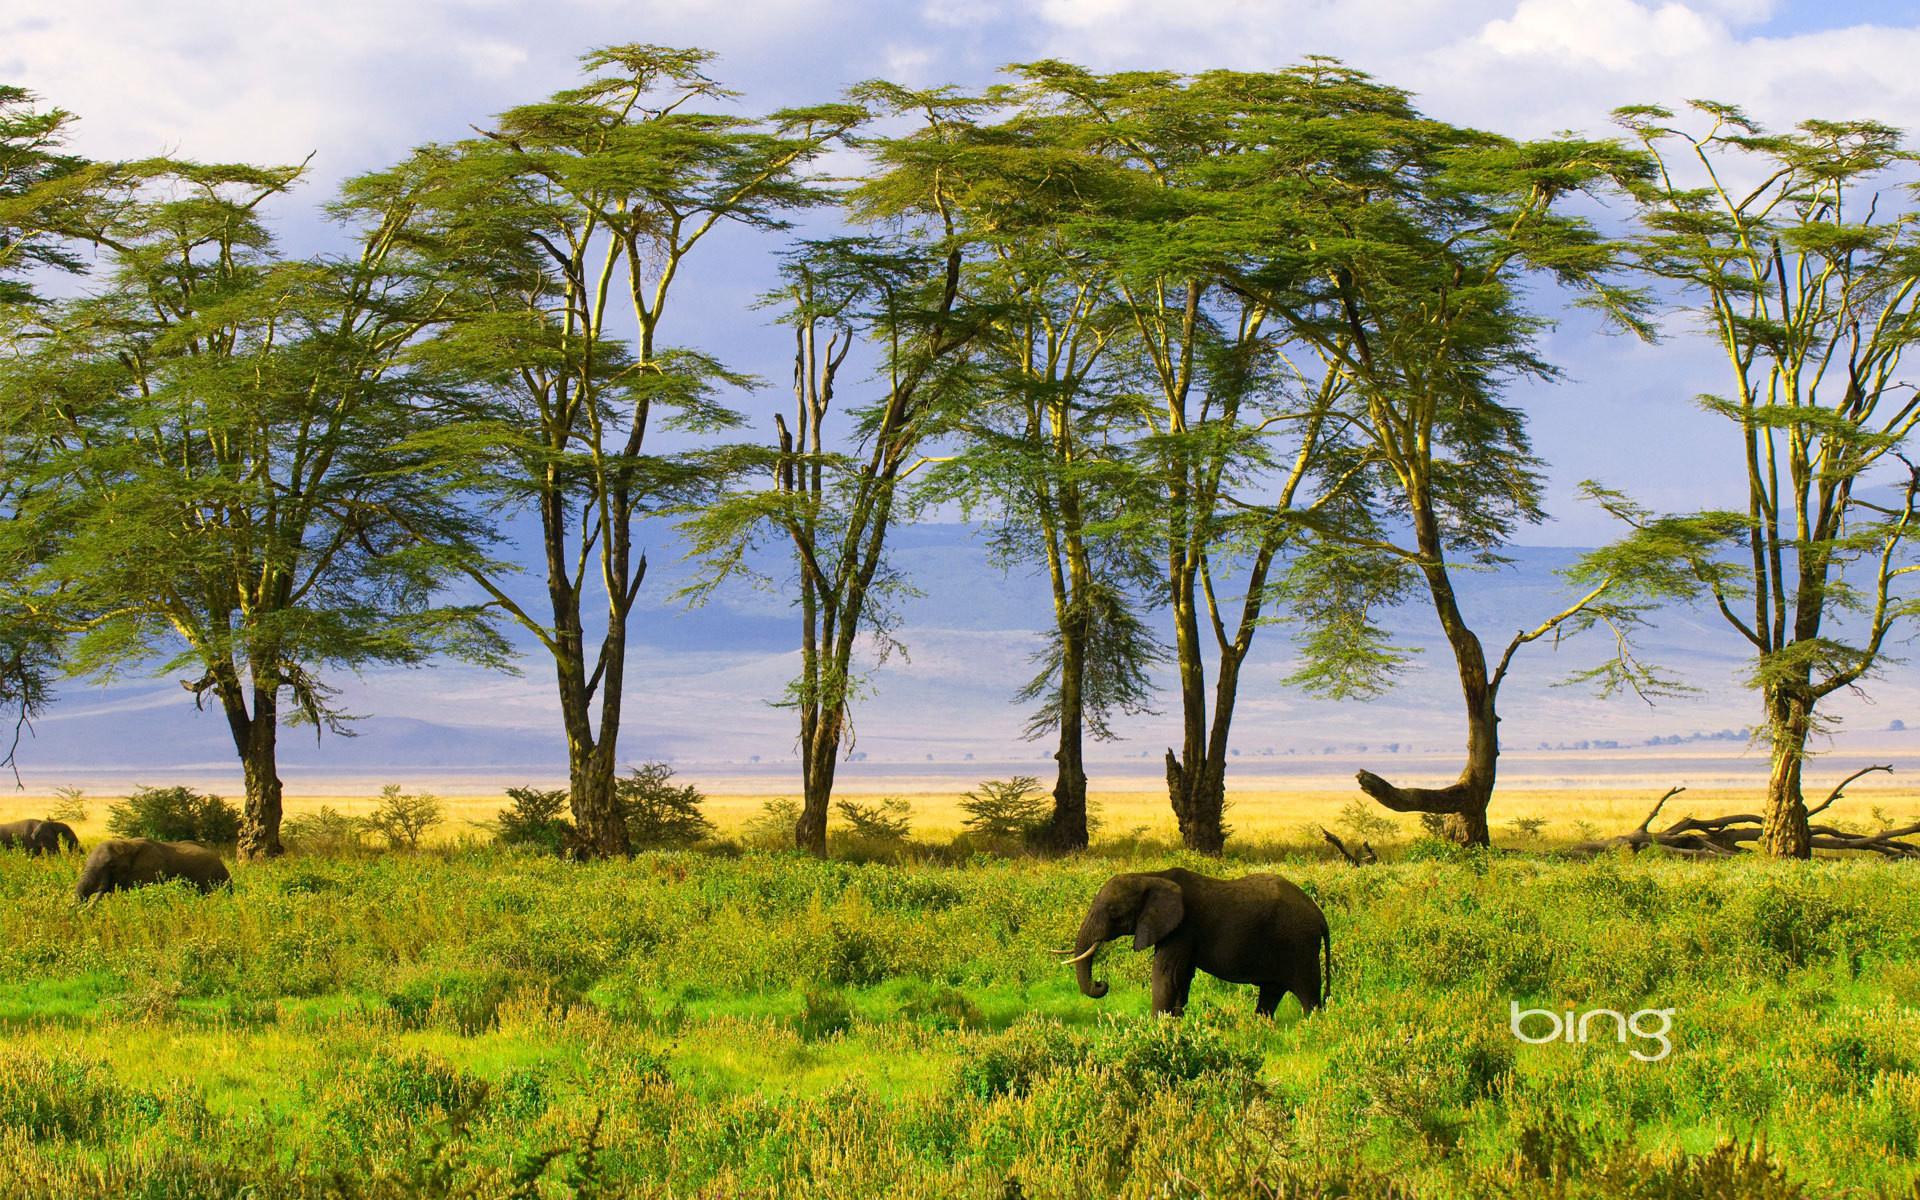 картинка природа африки без животных обоих типов накануне